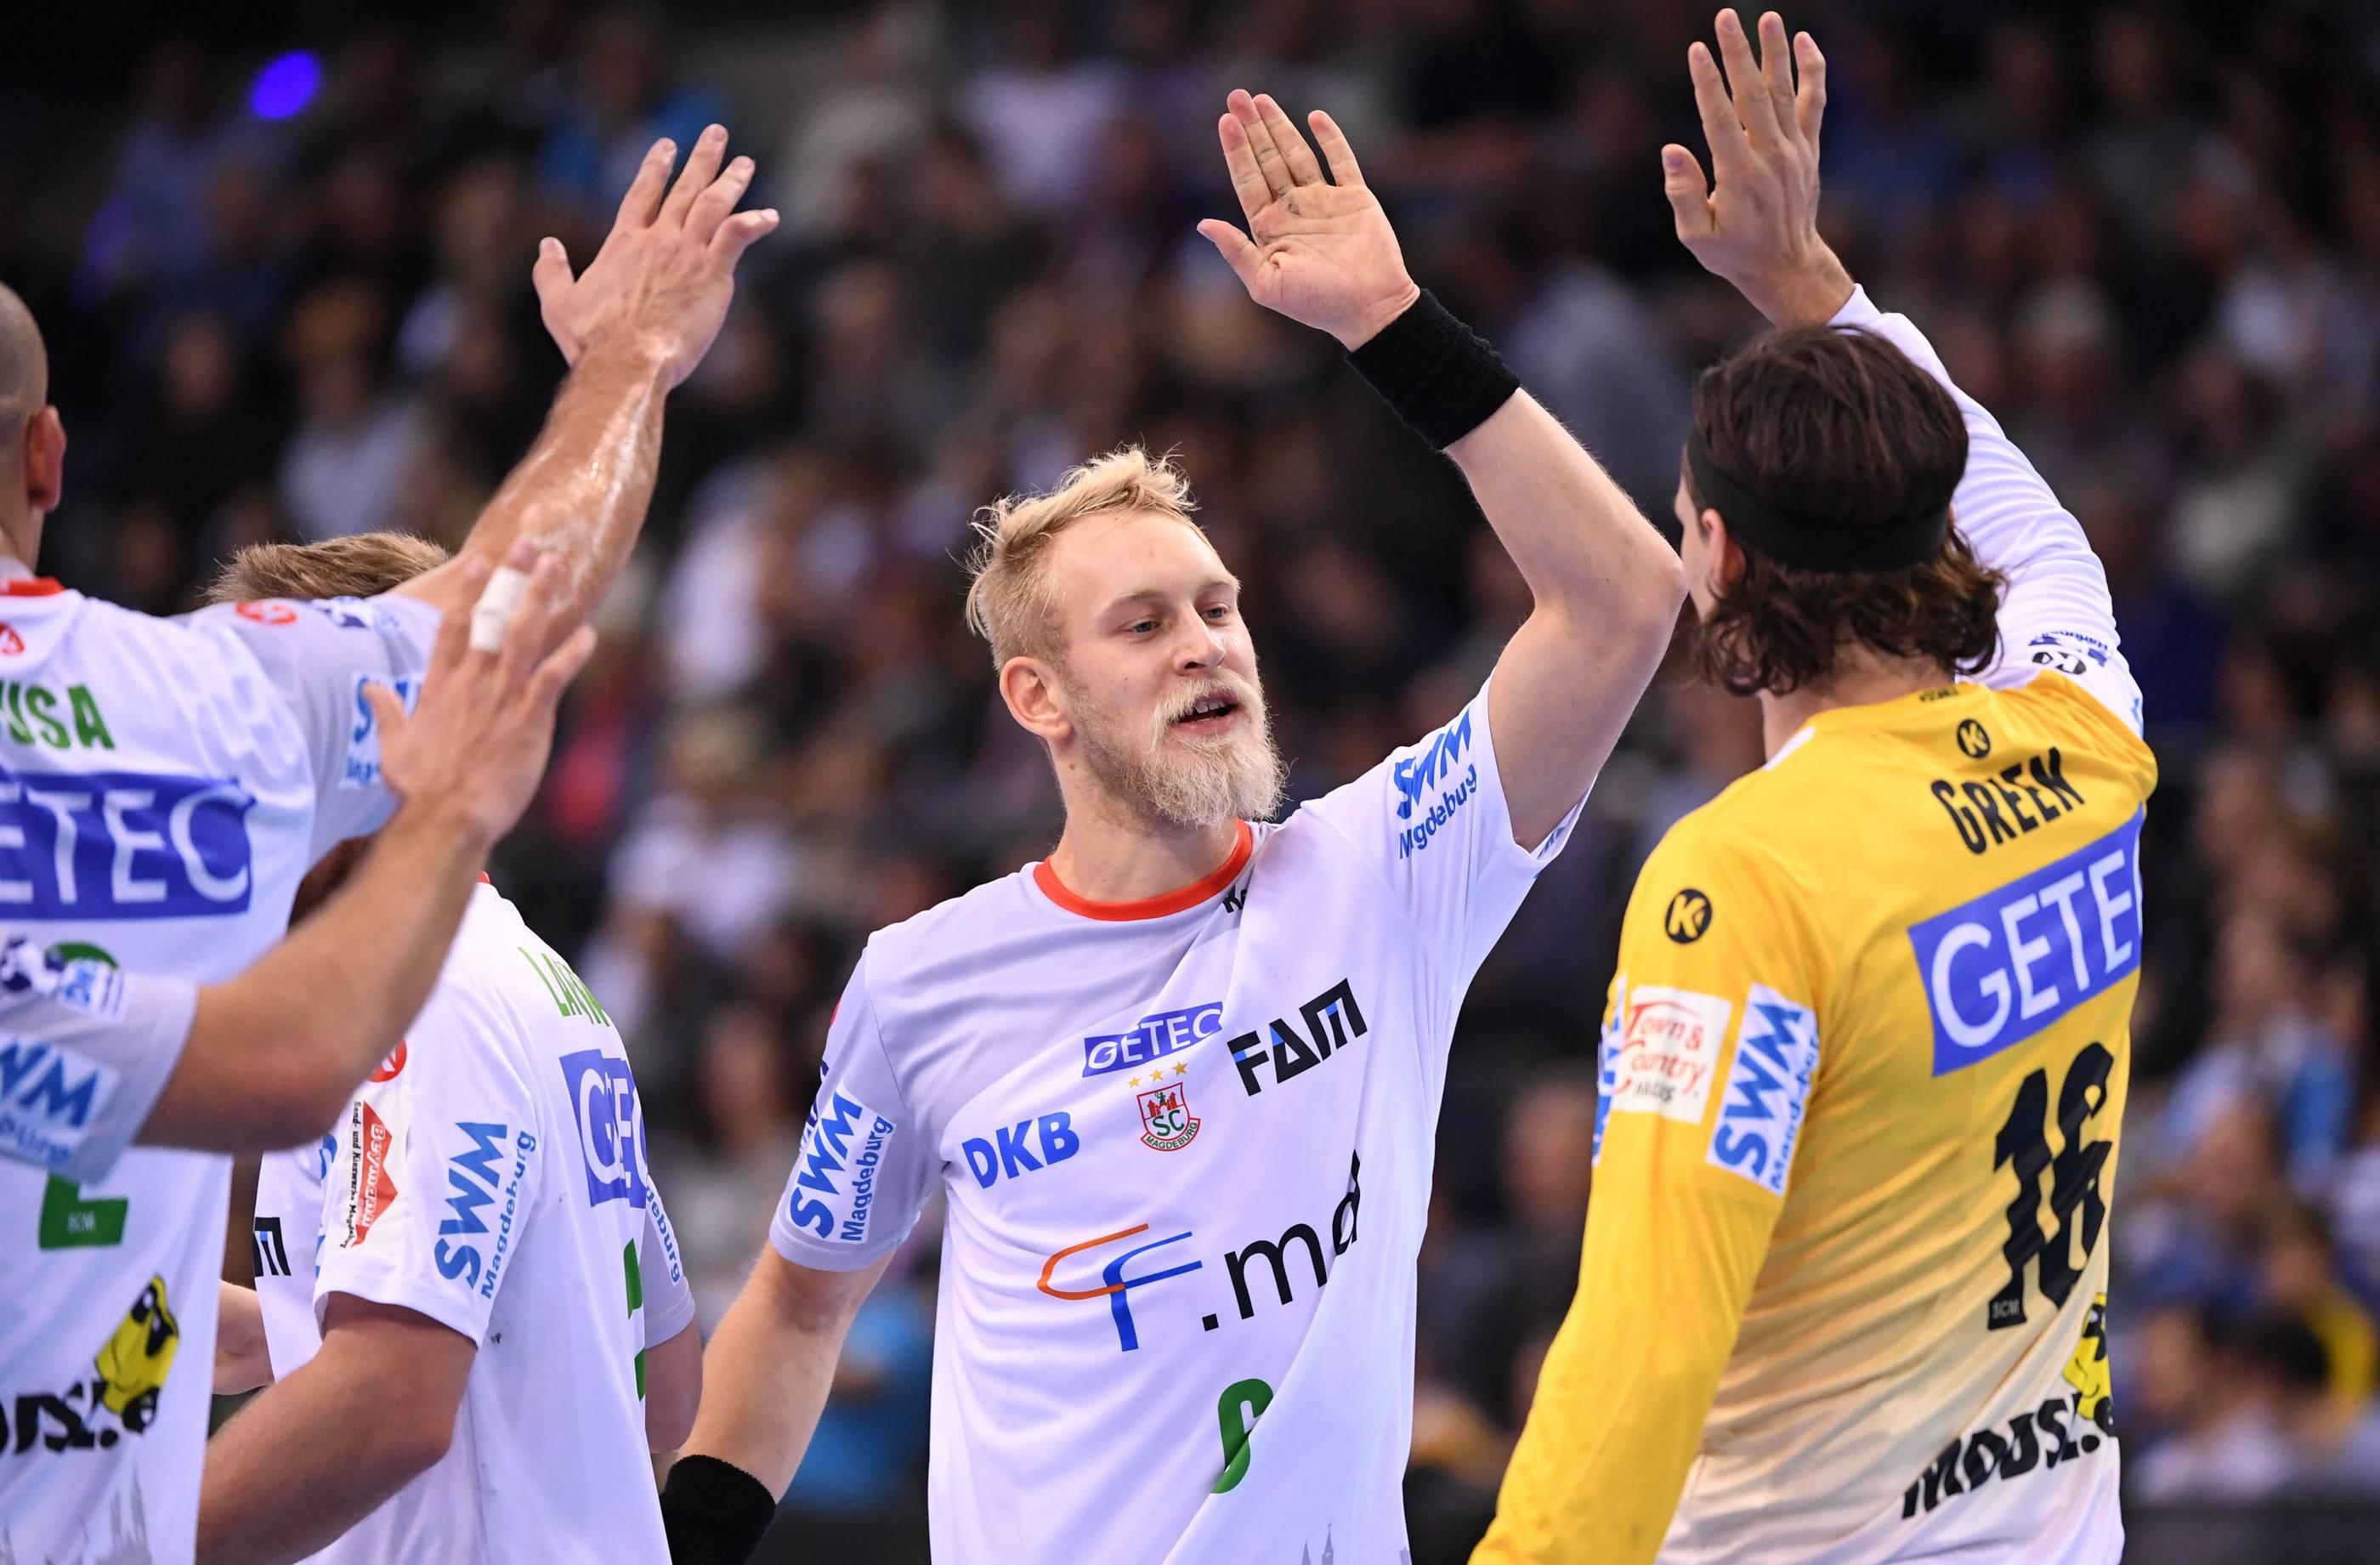 Handball Wm 2019 Der Aktuelle Kader Von Deutschland Mit Spieler Infos